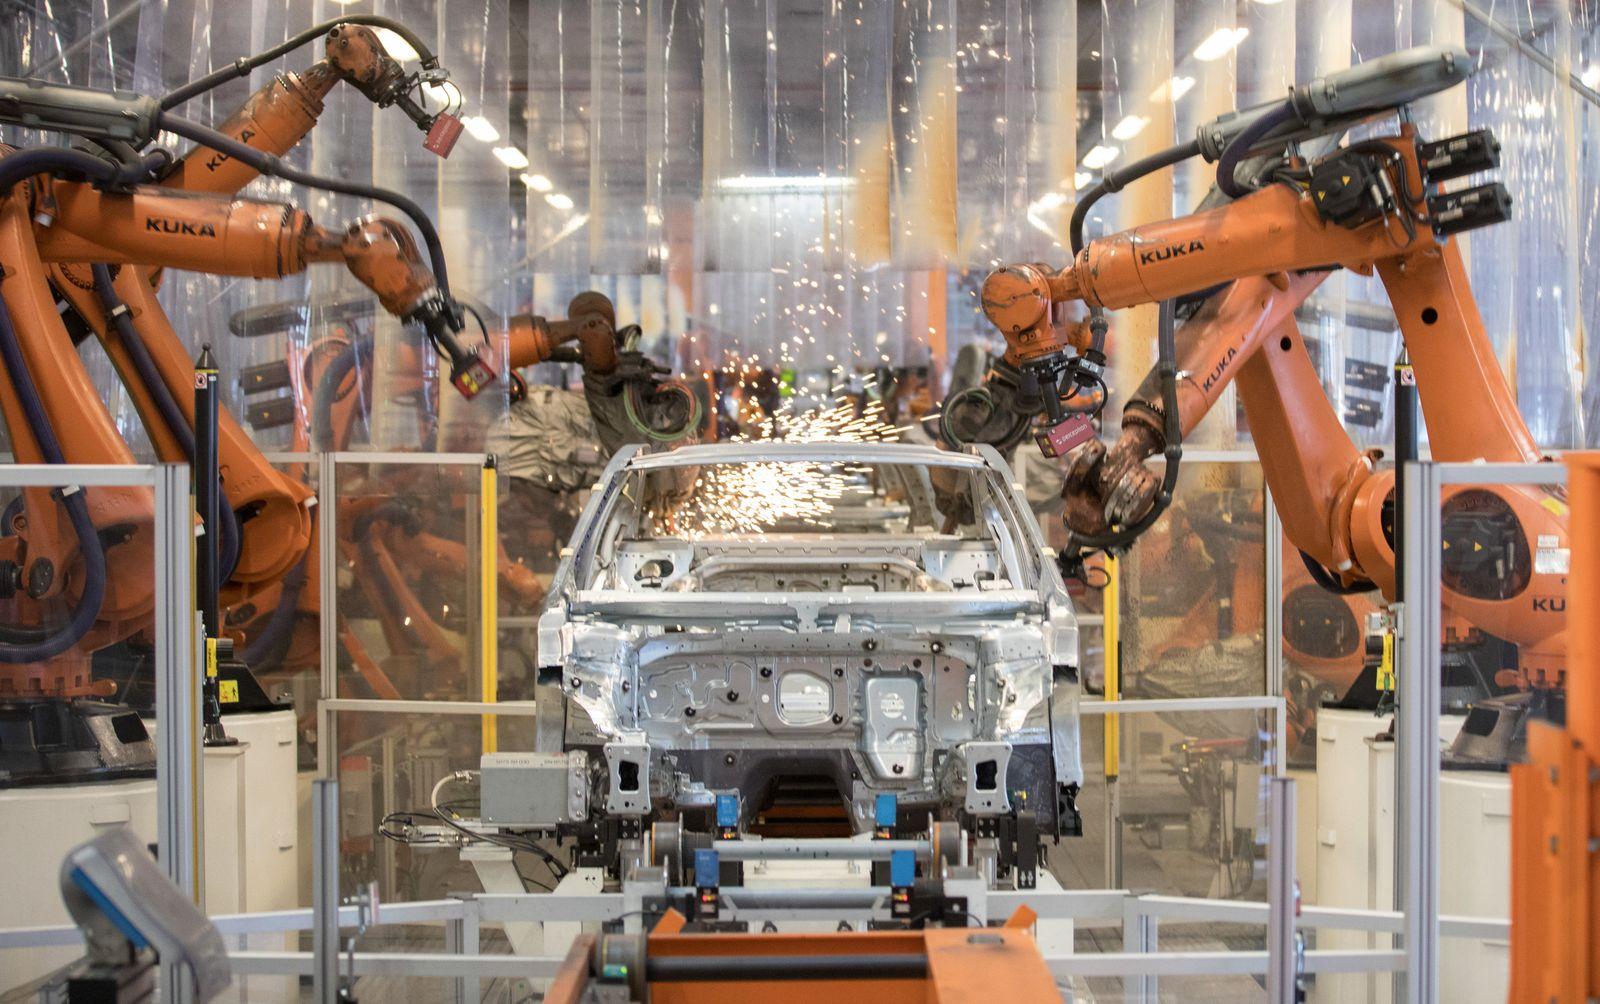 Strukturwandel in der Autoindustrie